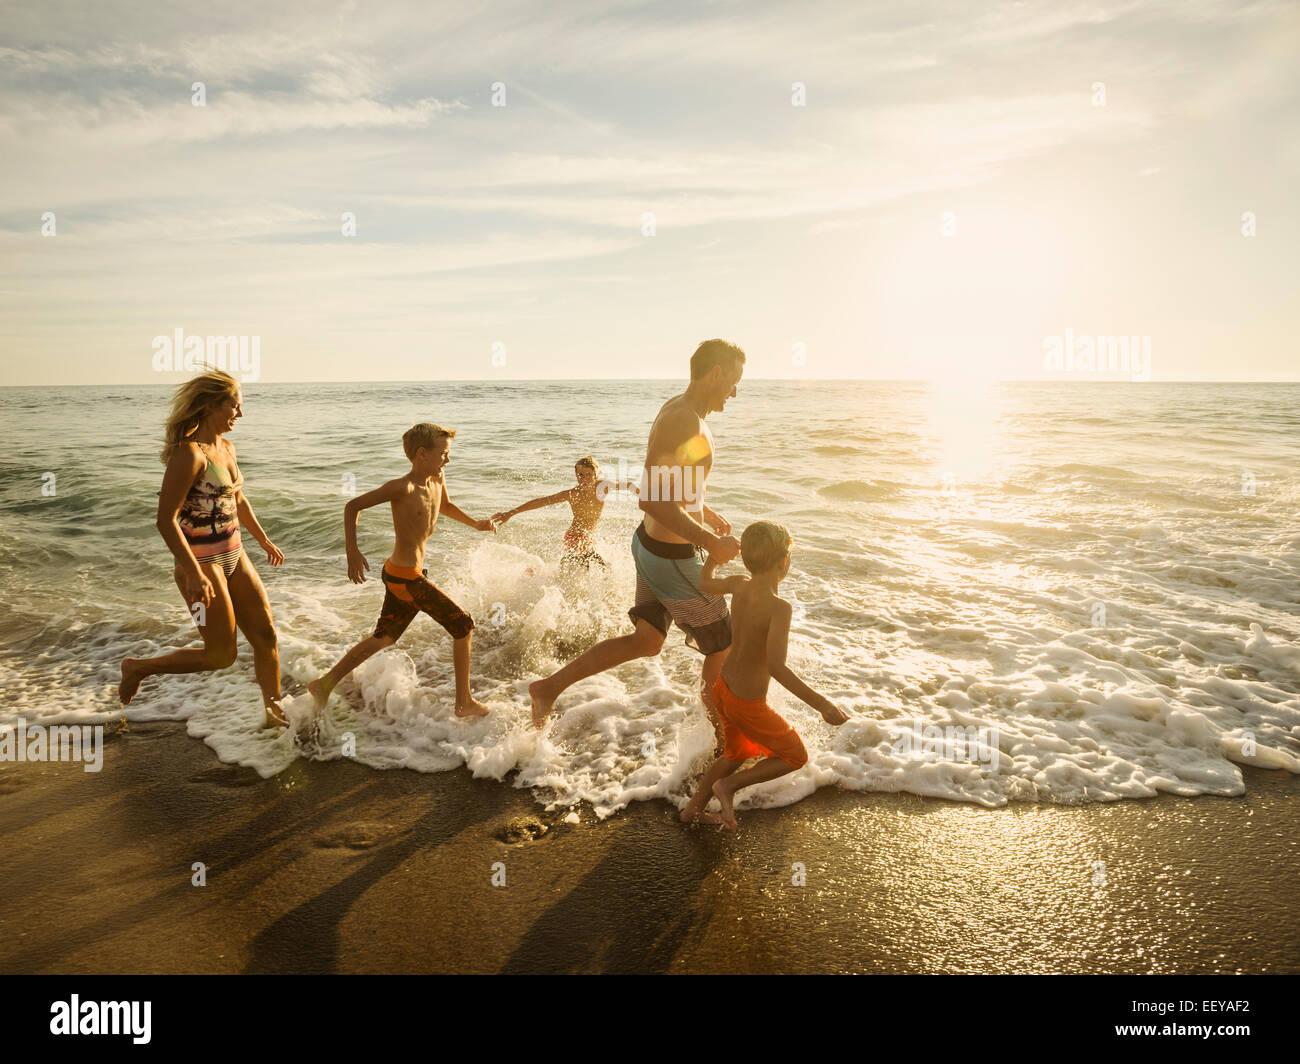 Stati Uniti, California, Laguna Beach, la famiglia con tre bambini (6-7, 10-11, 14-15) in esecuzione sulla spiaggia Immagini Stock